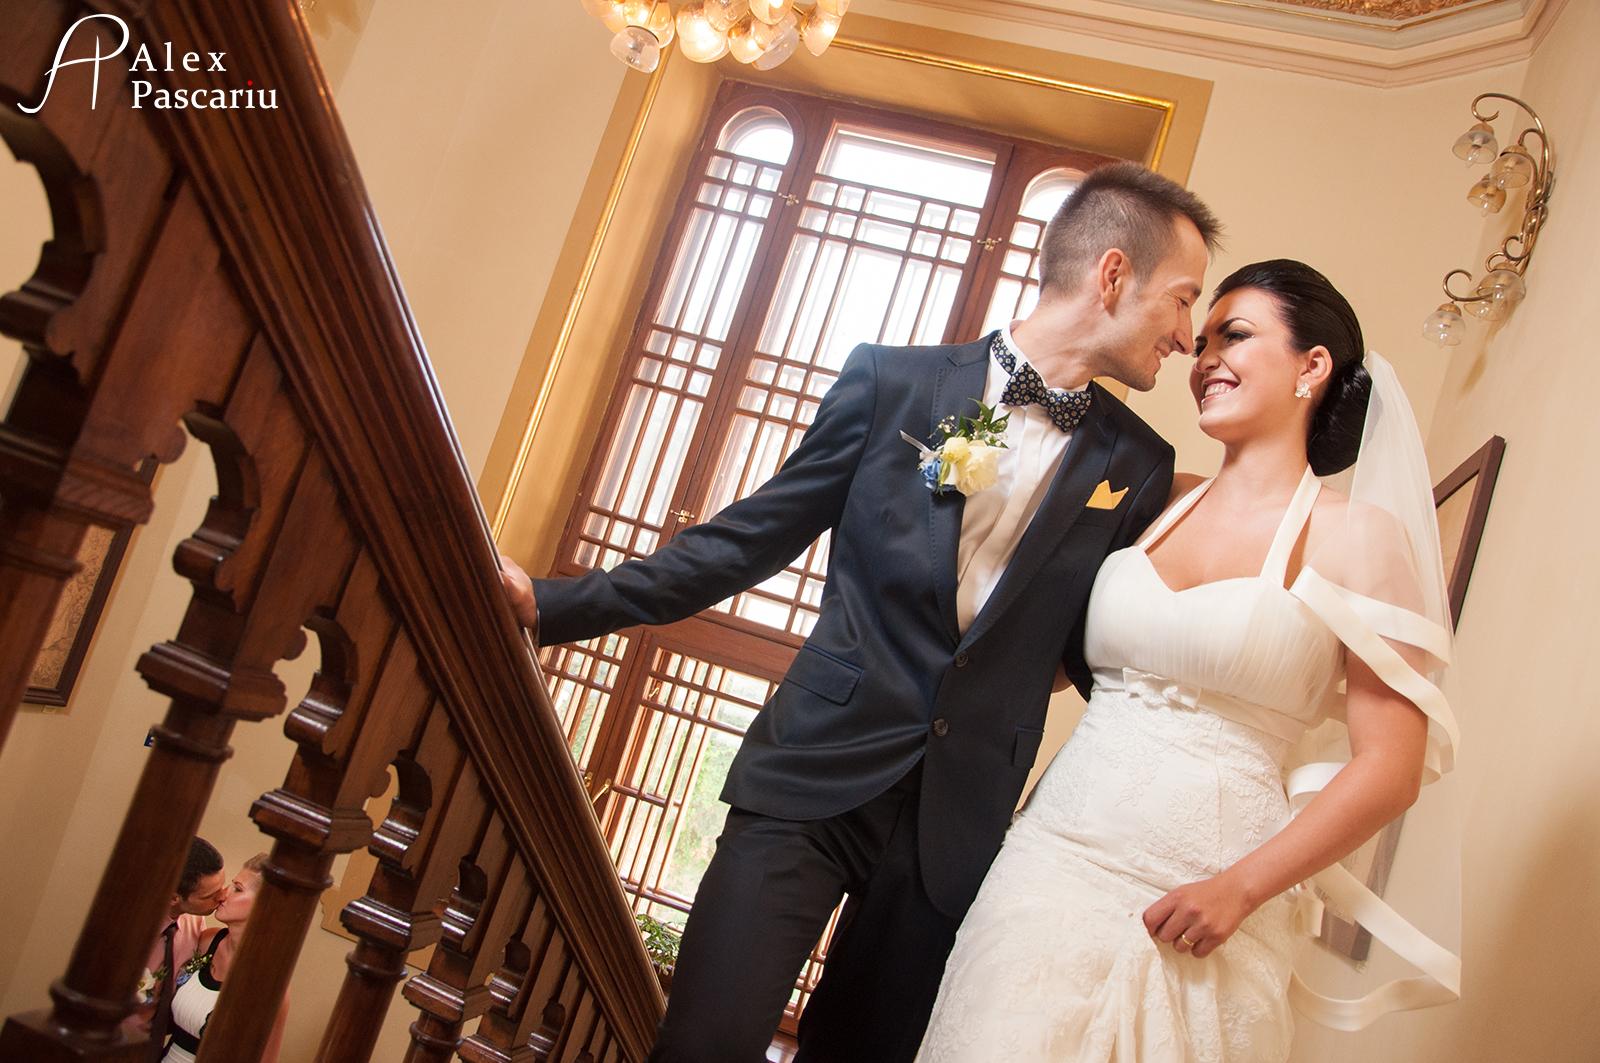 Nunta Andreea  si  Cristi | Alex Pascariu Photography